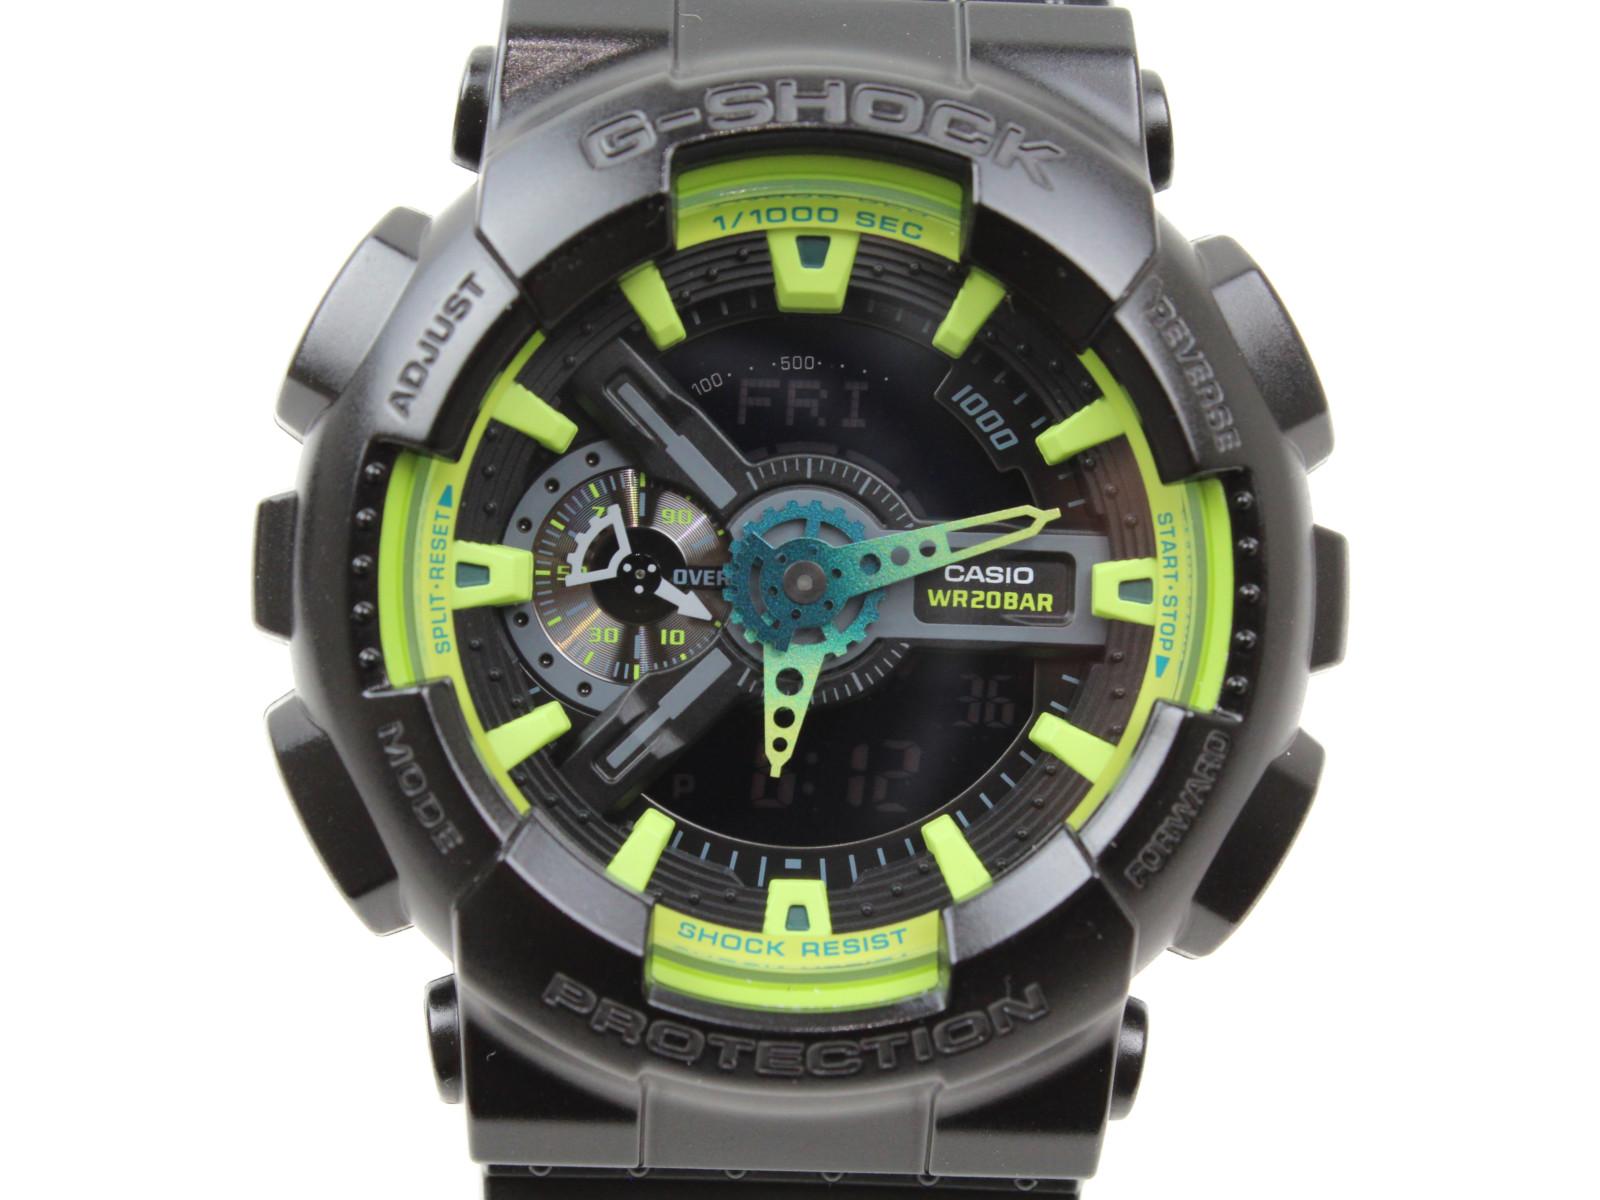 【ベーシック】CASIO カシオ G-SHOCK ジーショック GA-110LY-1AJF アナログ デジタル ラバー ブラック 黄緑 メンズ 腕時計 ギフト プレゼント 包装無料【中古】